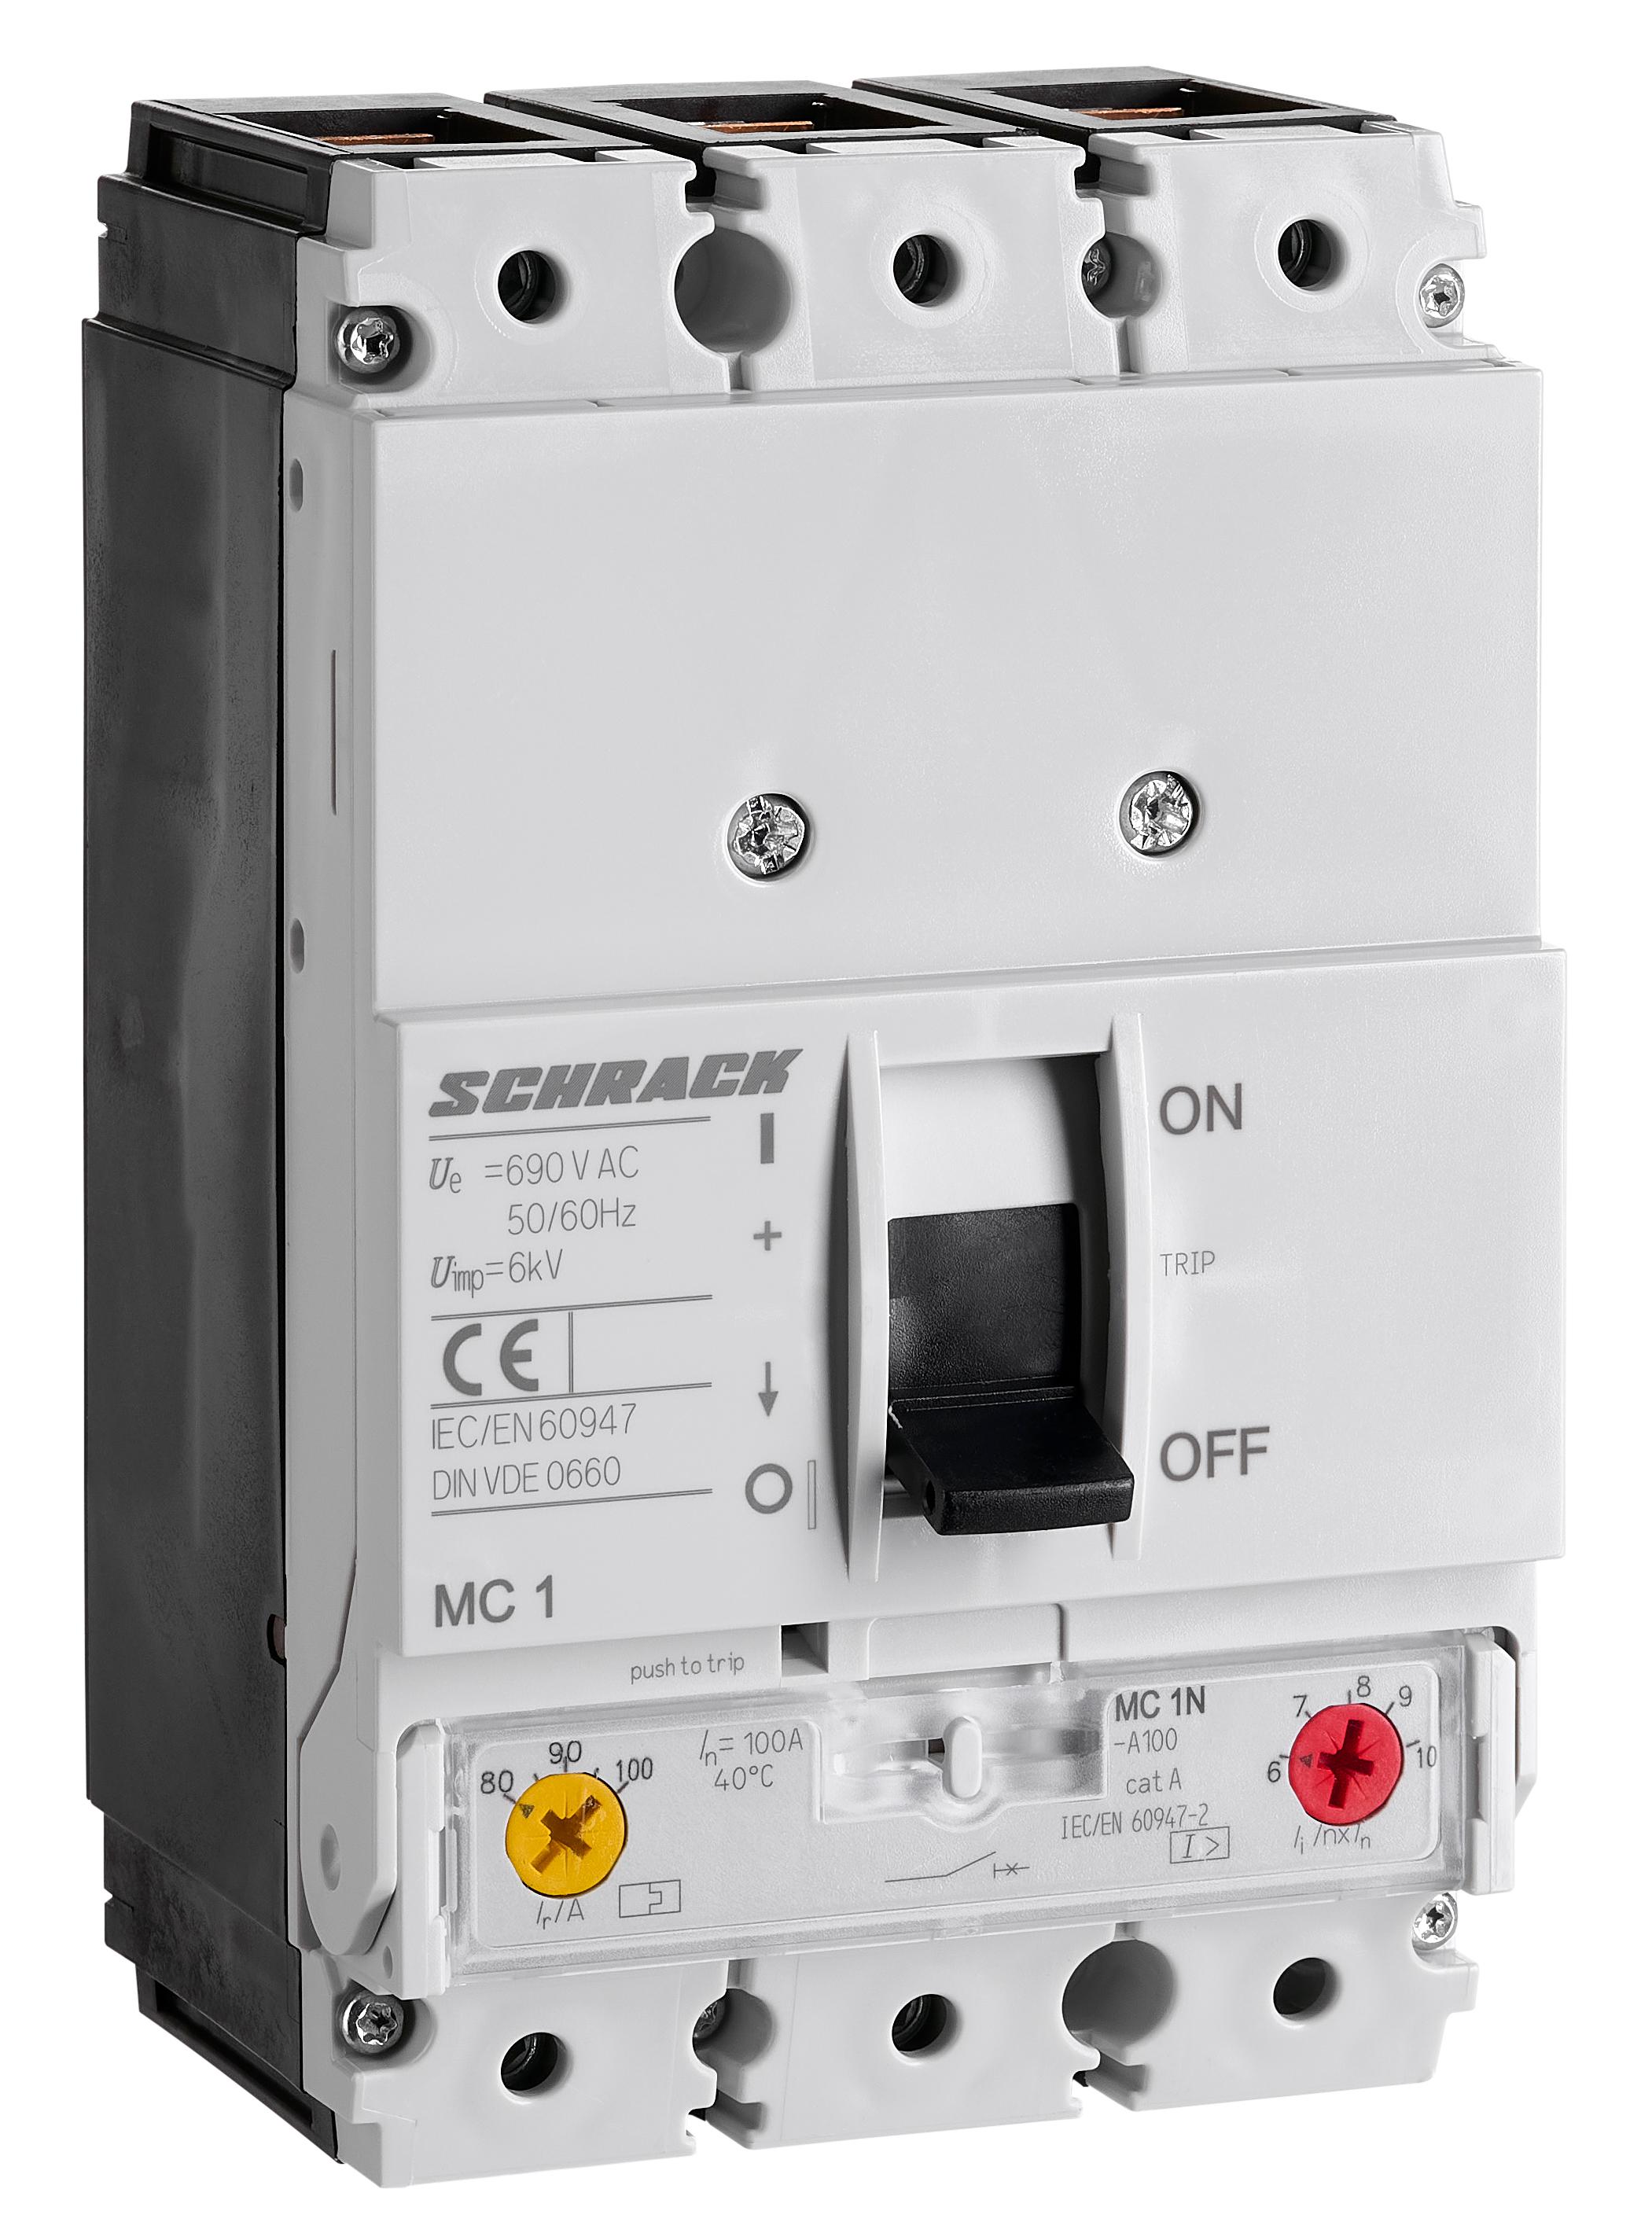 1 Stk Leistungsschalter Type A, 3-polig, 50kA, 100A MC110231--